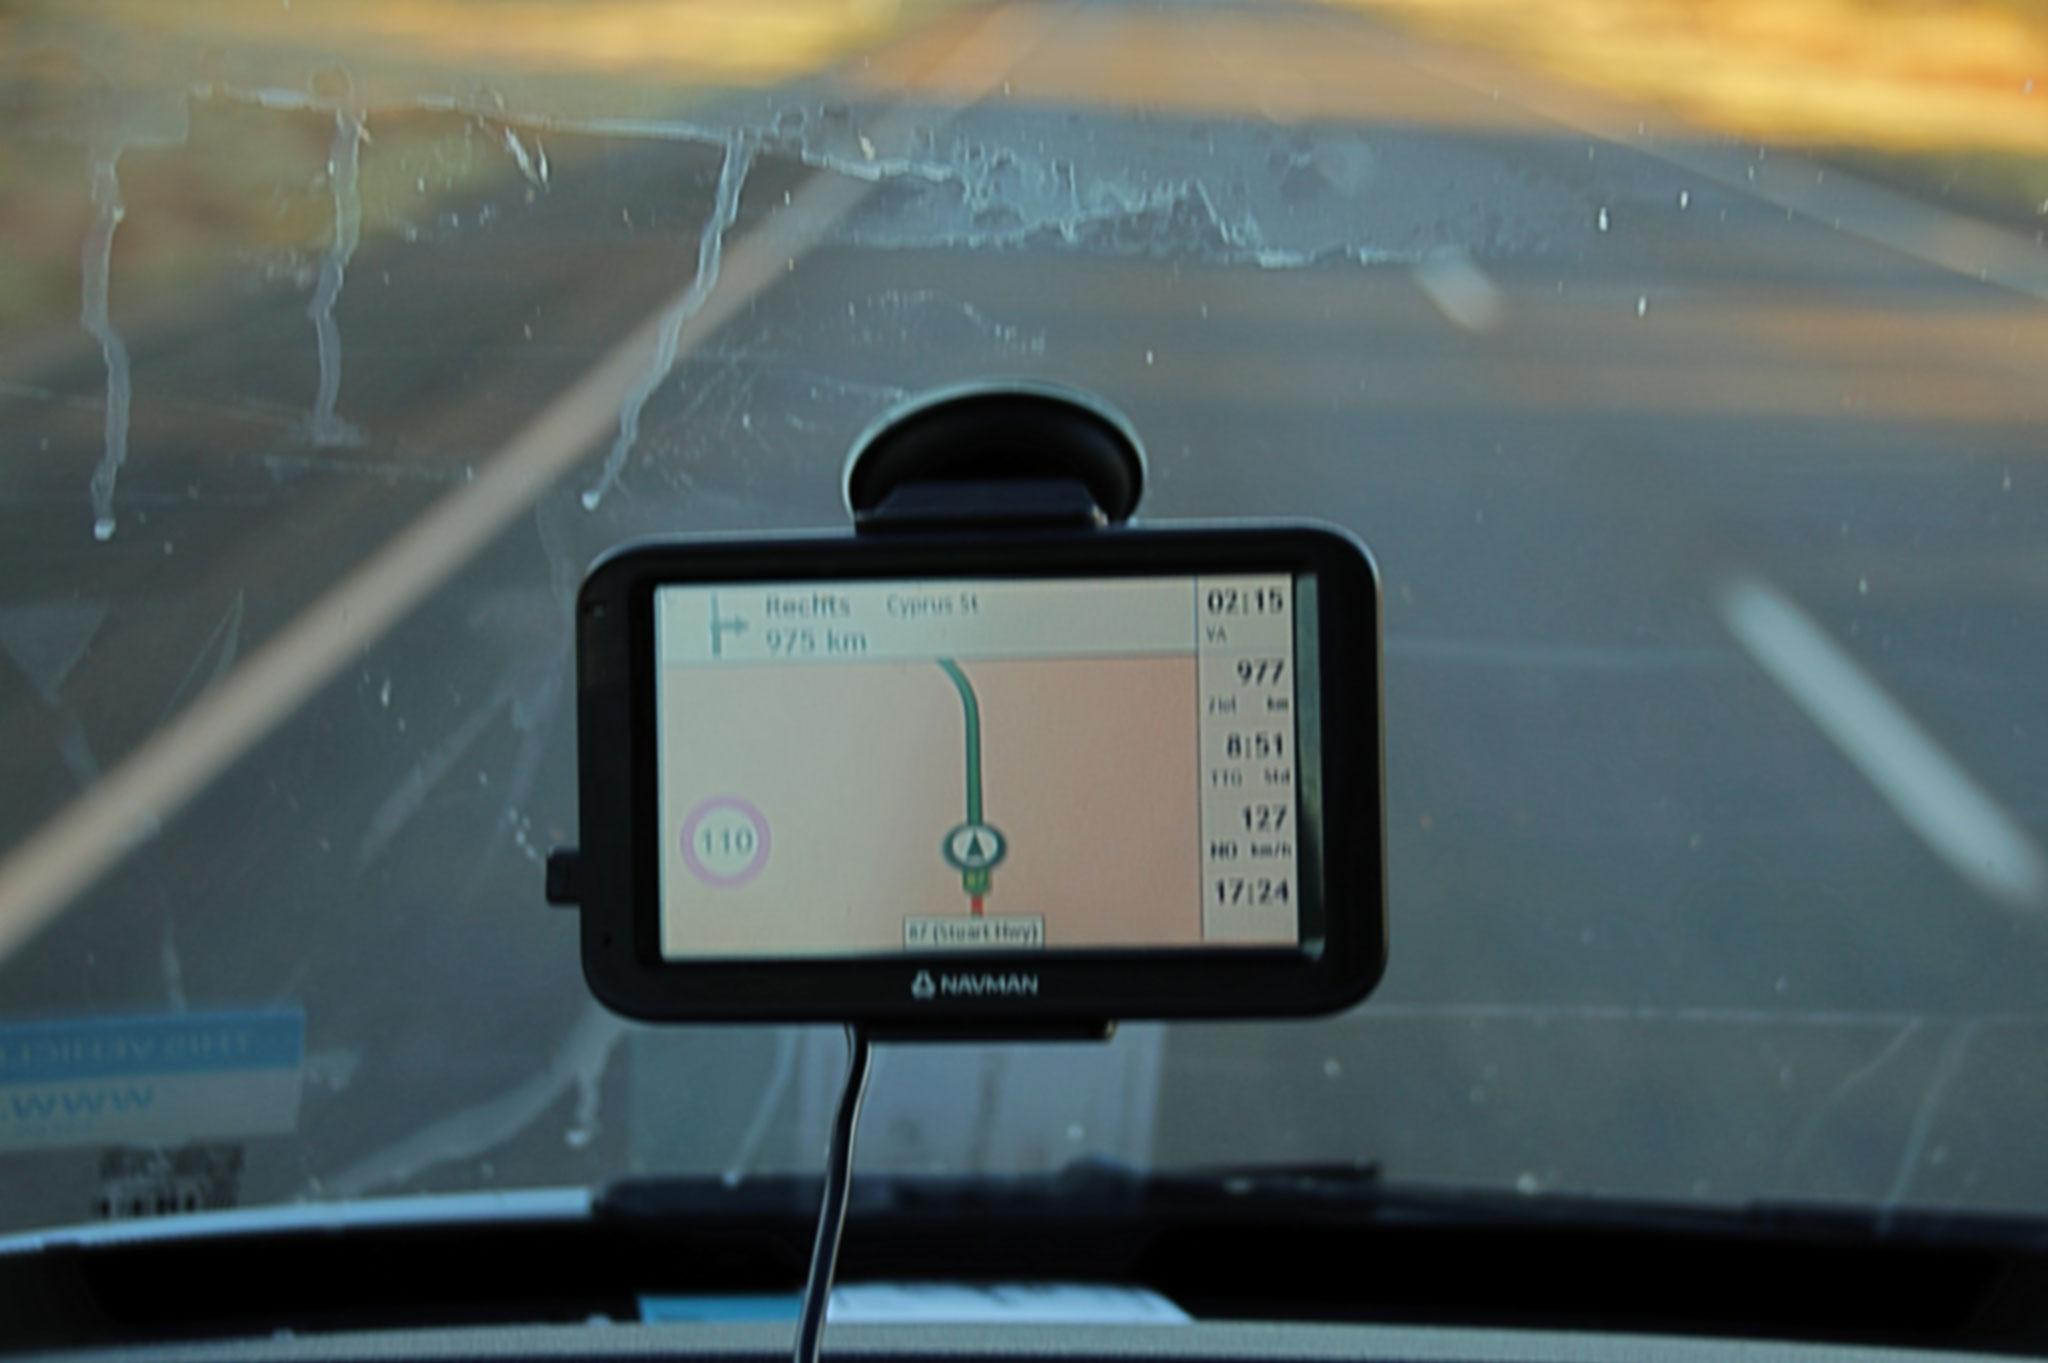 Navi zeigt Höchstgeschwindigkeit an